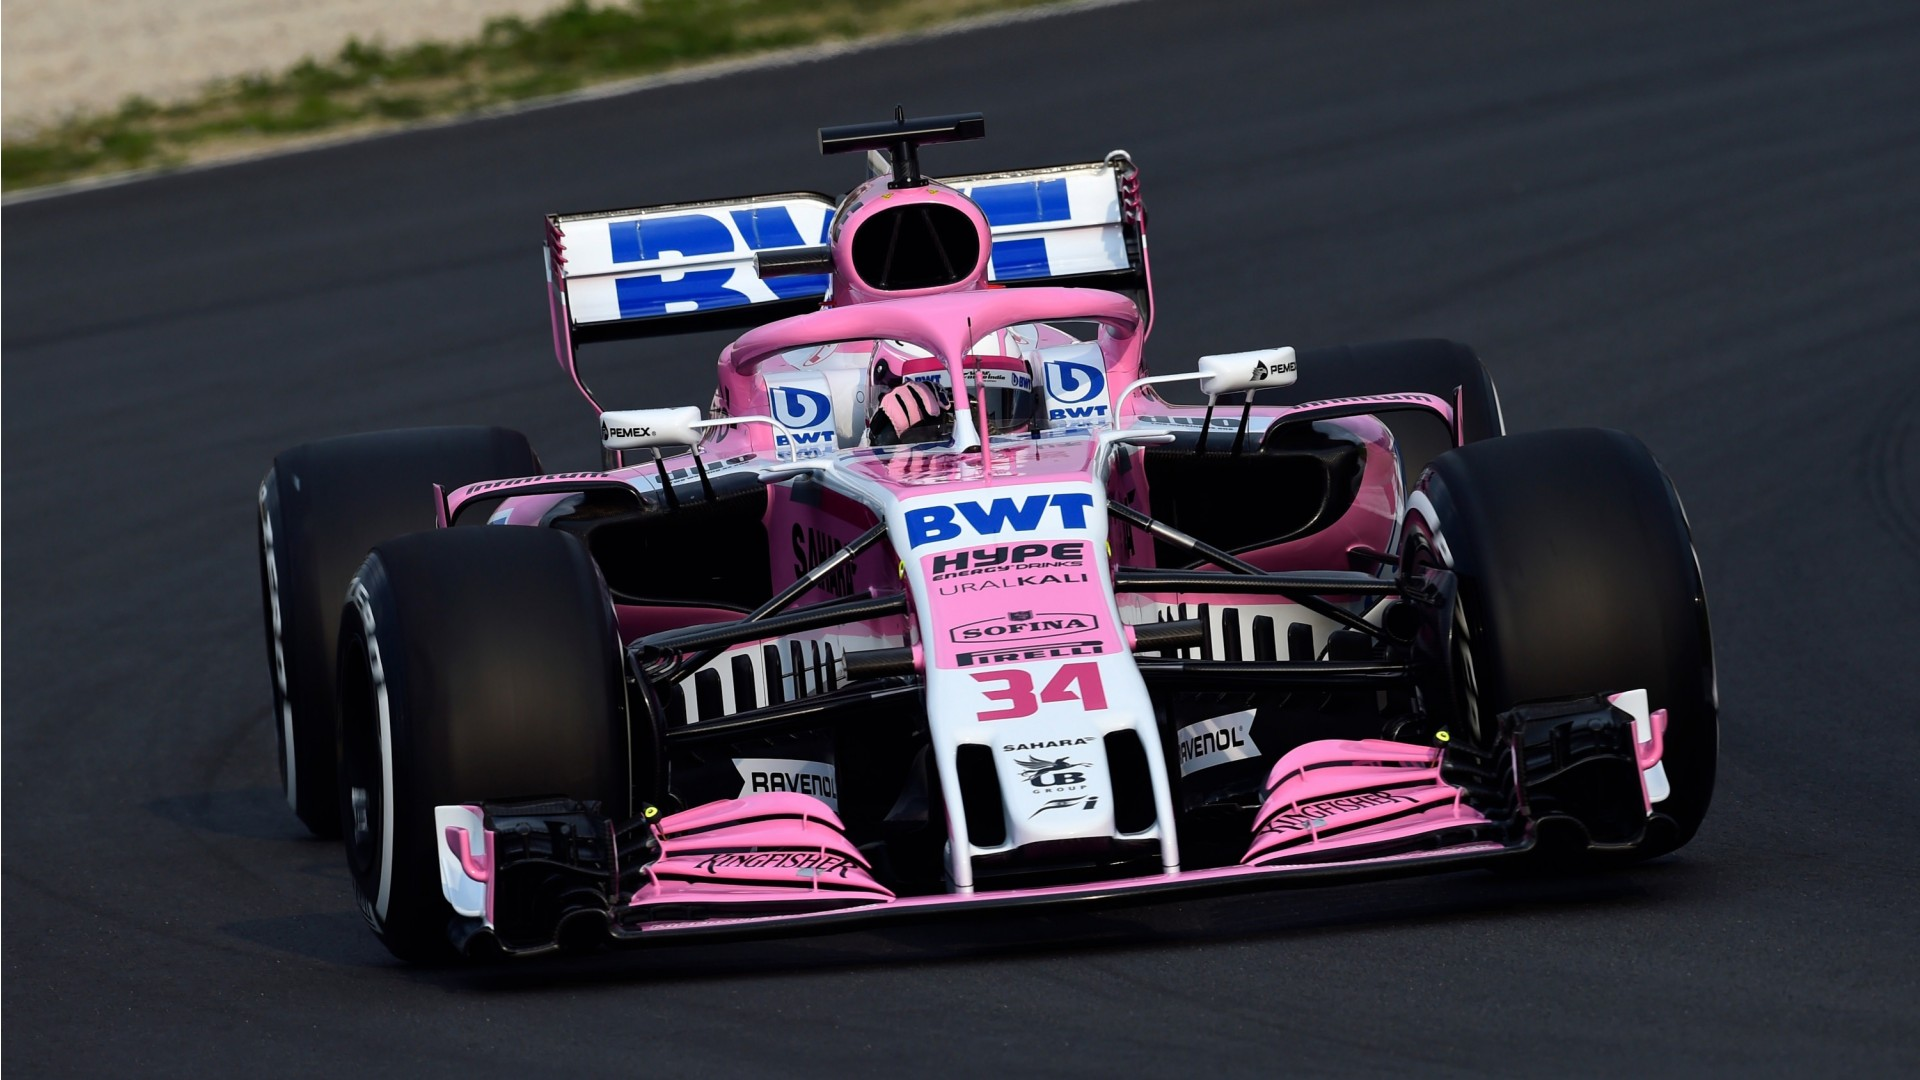 2018 Force India VJM11 F1 Formula 1 Car Wallpaper | HD Car ...